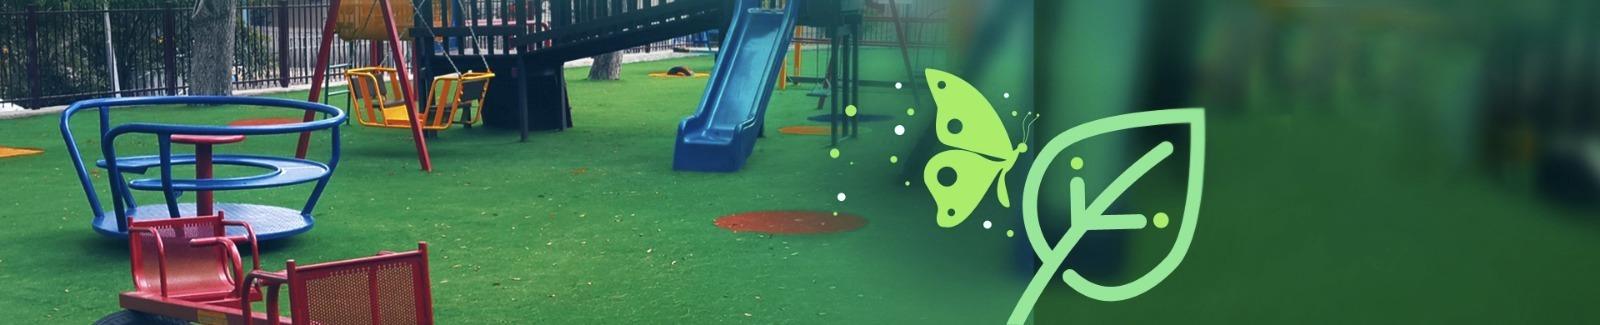 דשא סינטטי לפארקים ואזורי משחק